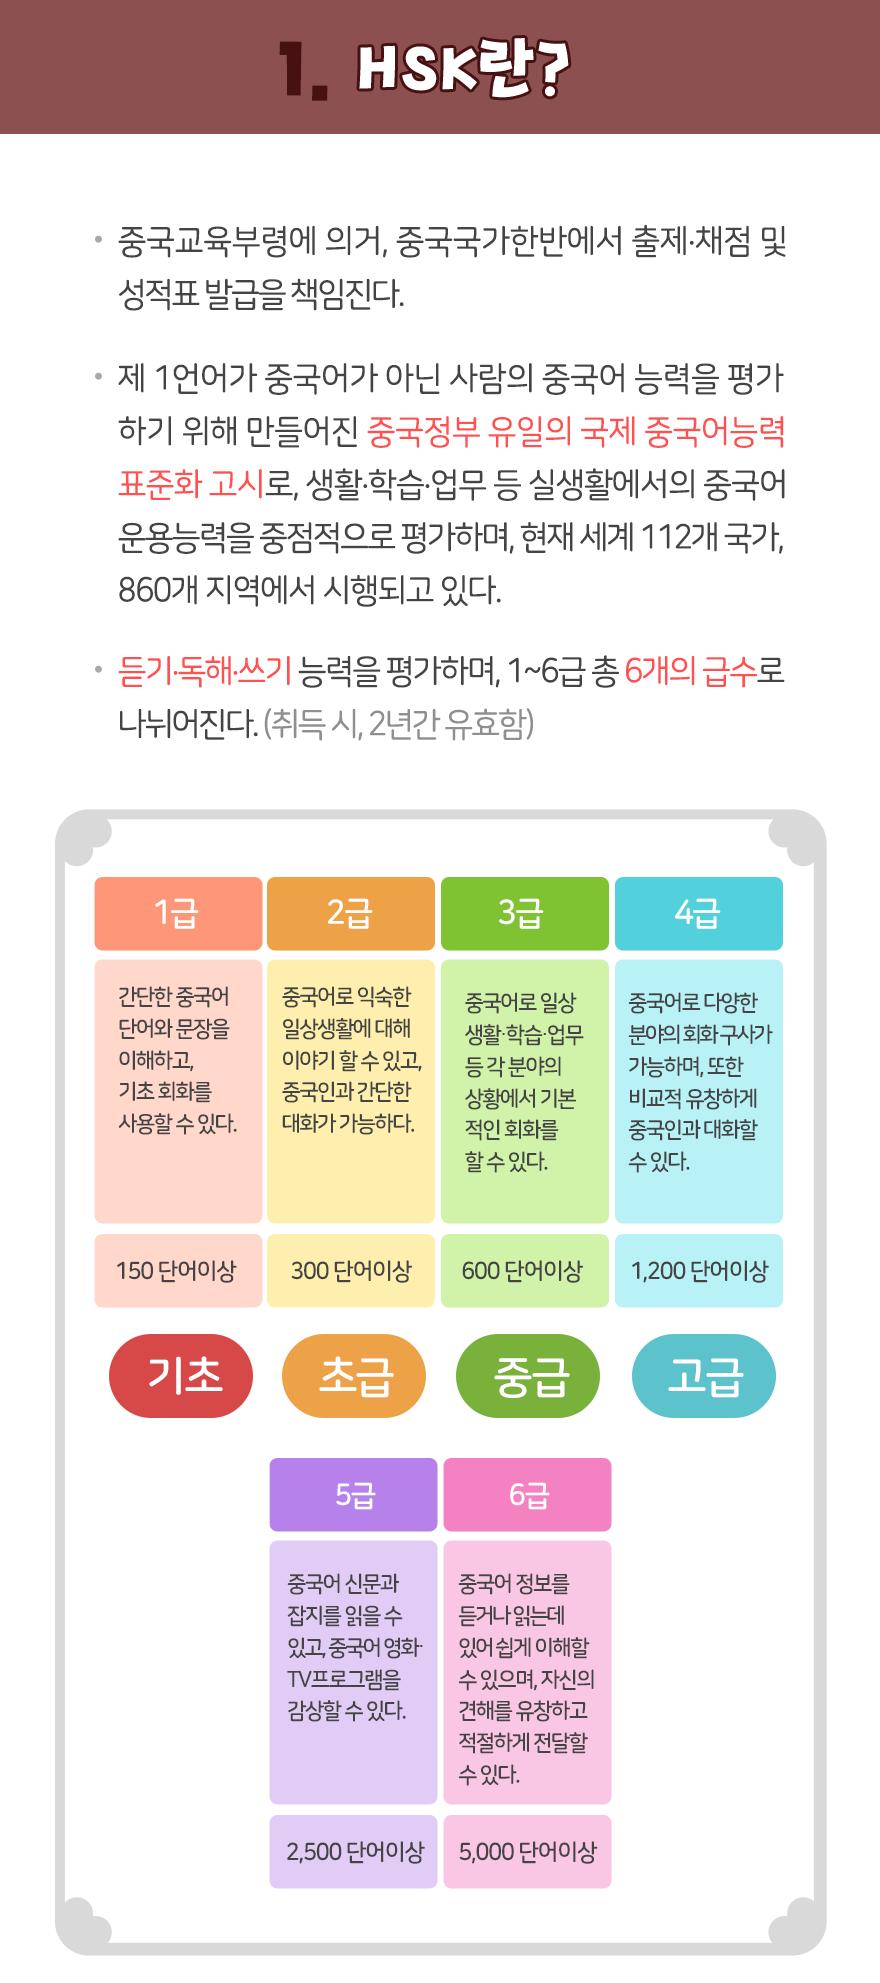 중국어 능력시험 종류 팝업 이미지 2